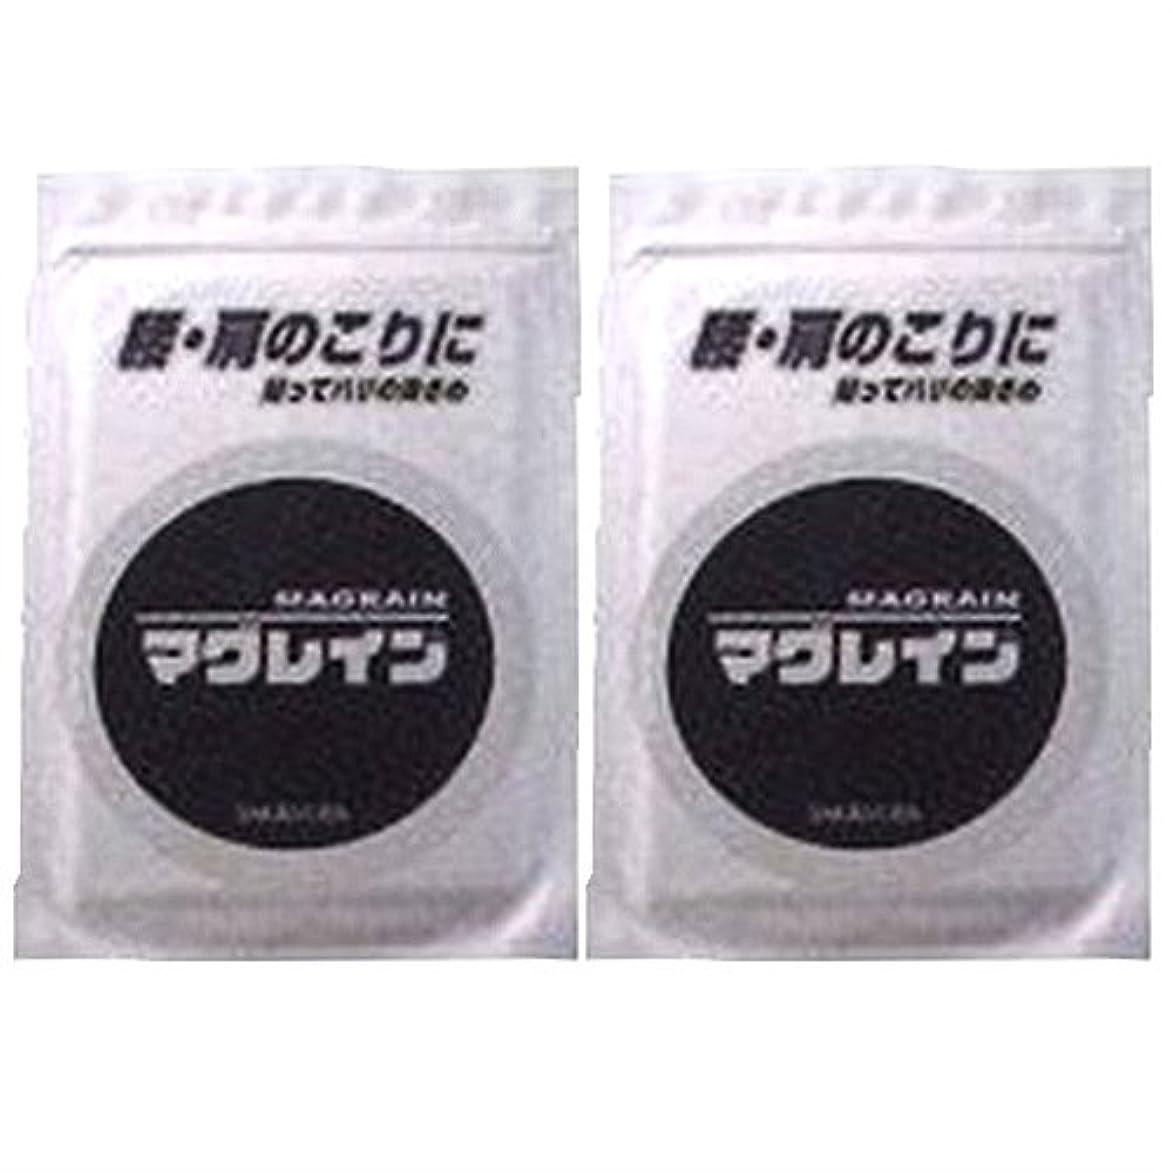 歯車発音する危機マグレイン チタン 200粒入 肌色テープ(I) ×2個 セット